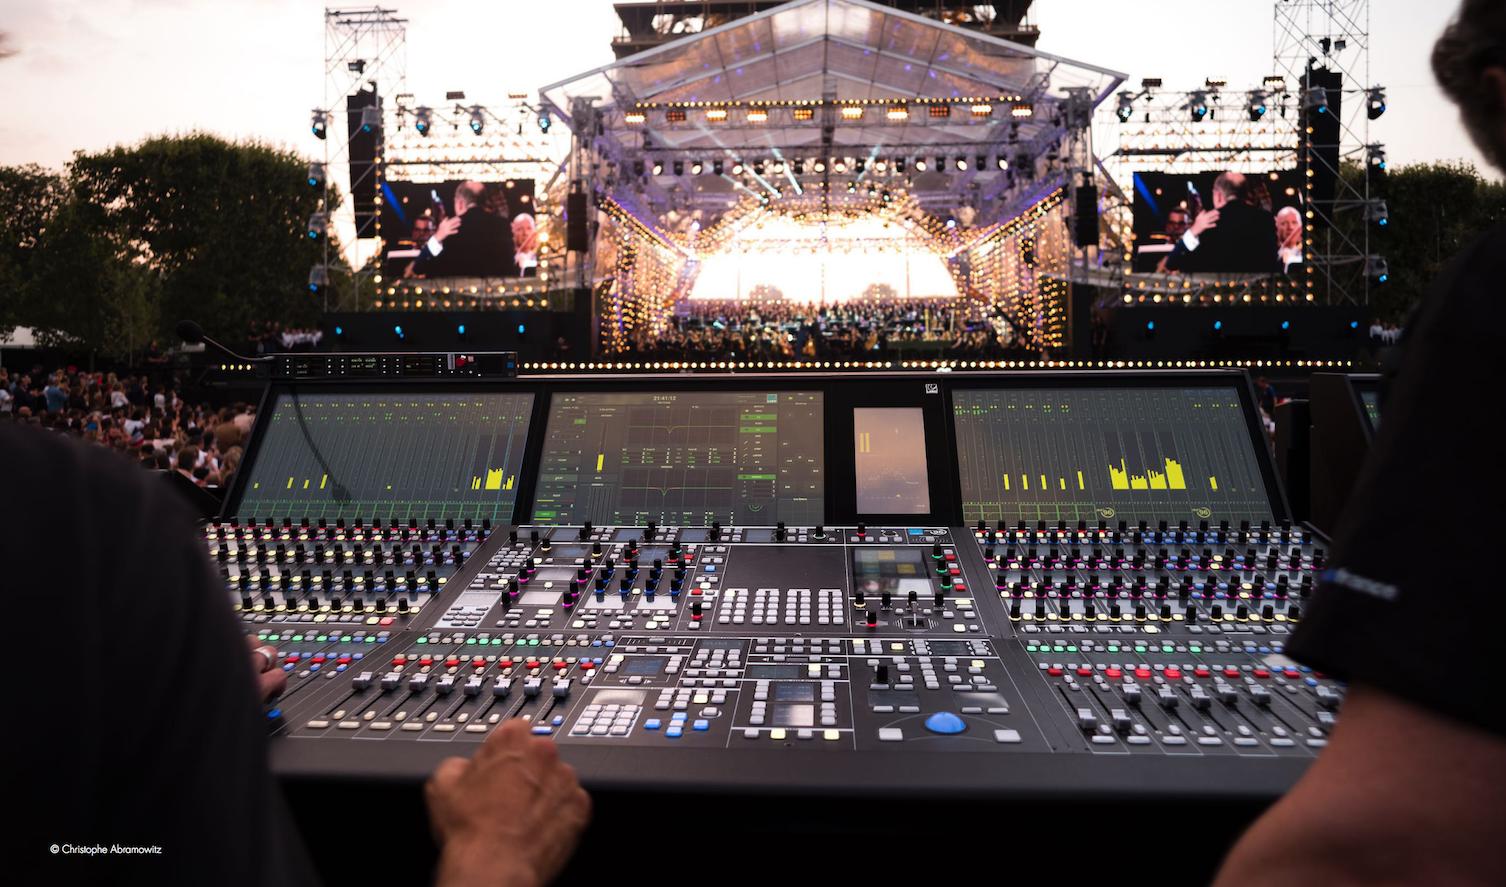 """Ce mardi soir à 21h, """"Le Concert de Paris"""" sera diffusé en direct sur France 2 et France.tv (présenté par Stéphane Bern) et en direct sur France Inter (présenté par Anna Sigalevitch)"""